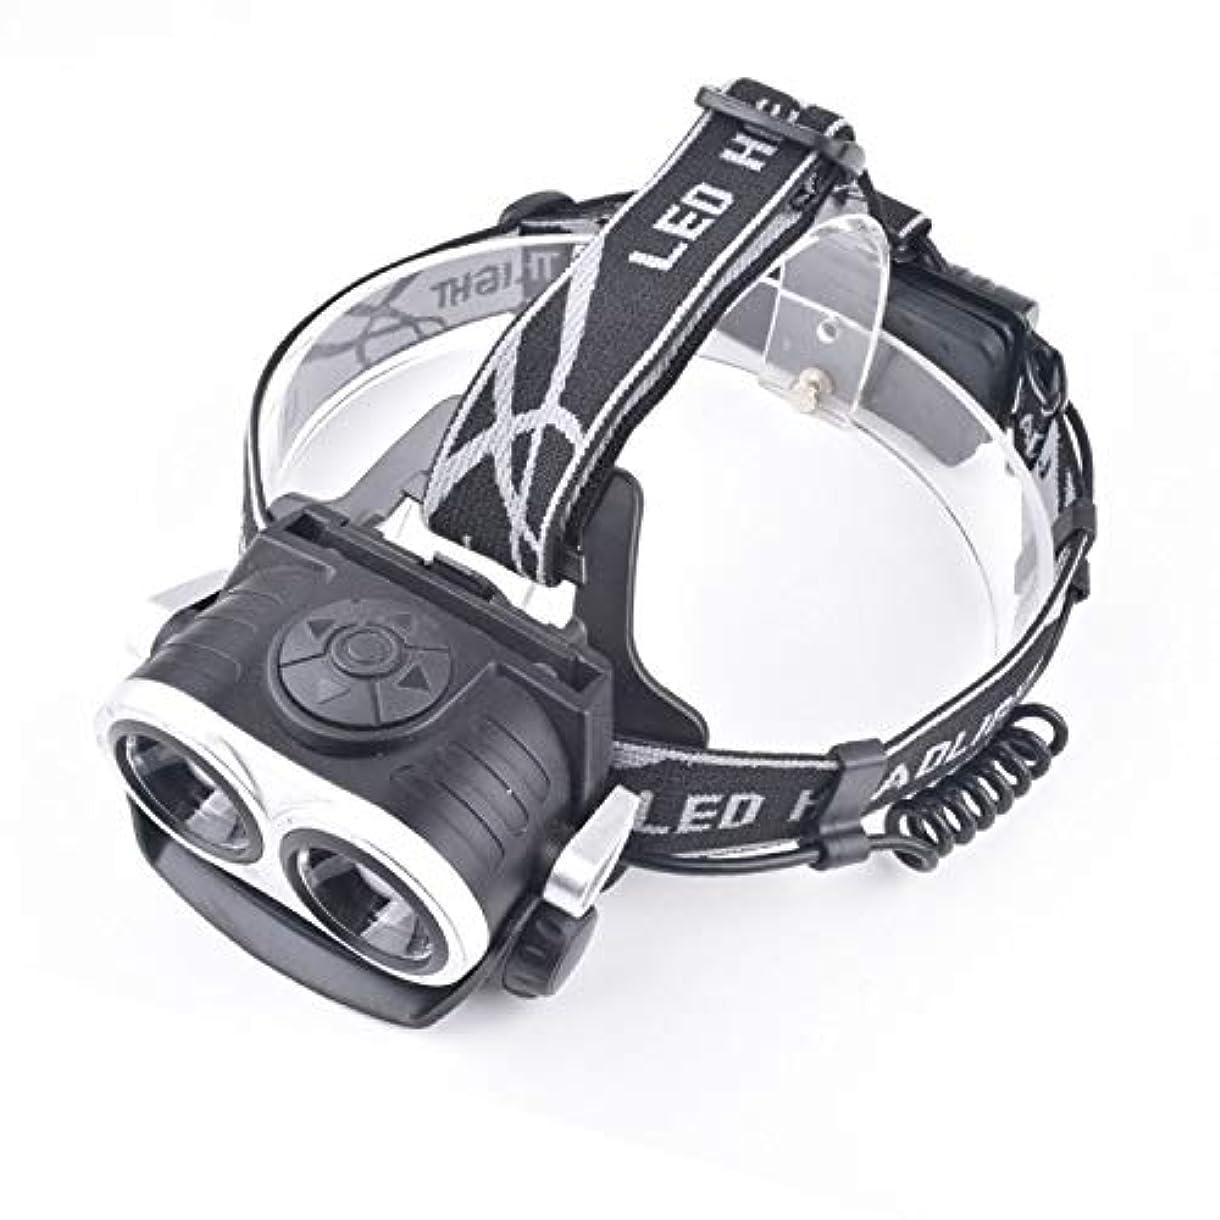 強い光伸縮ズームヘッドライト、デュアルコアT6強いヘッドライト、USB充電ヘッドライト、夜釣りライト自転車ライト